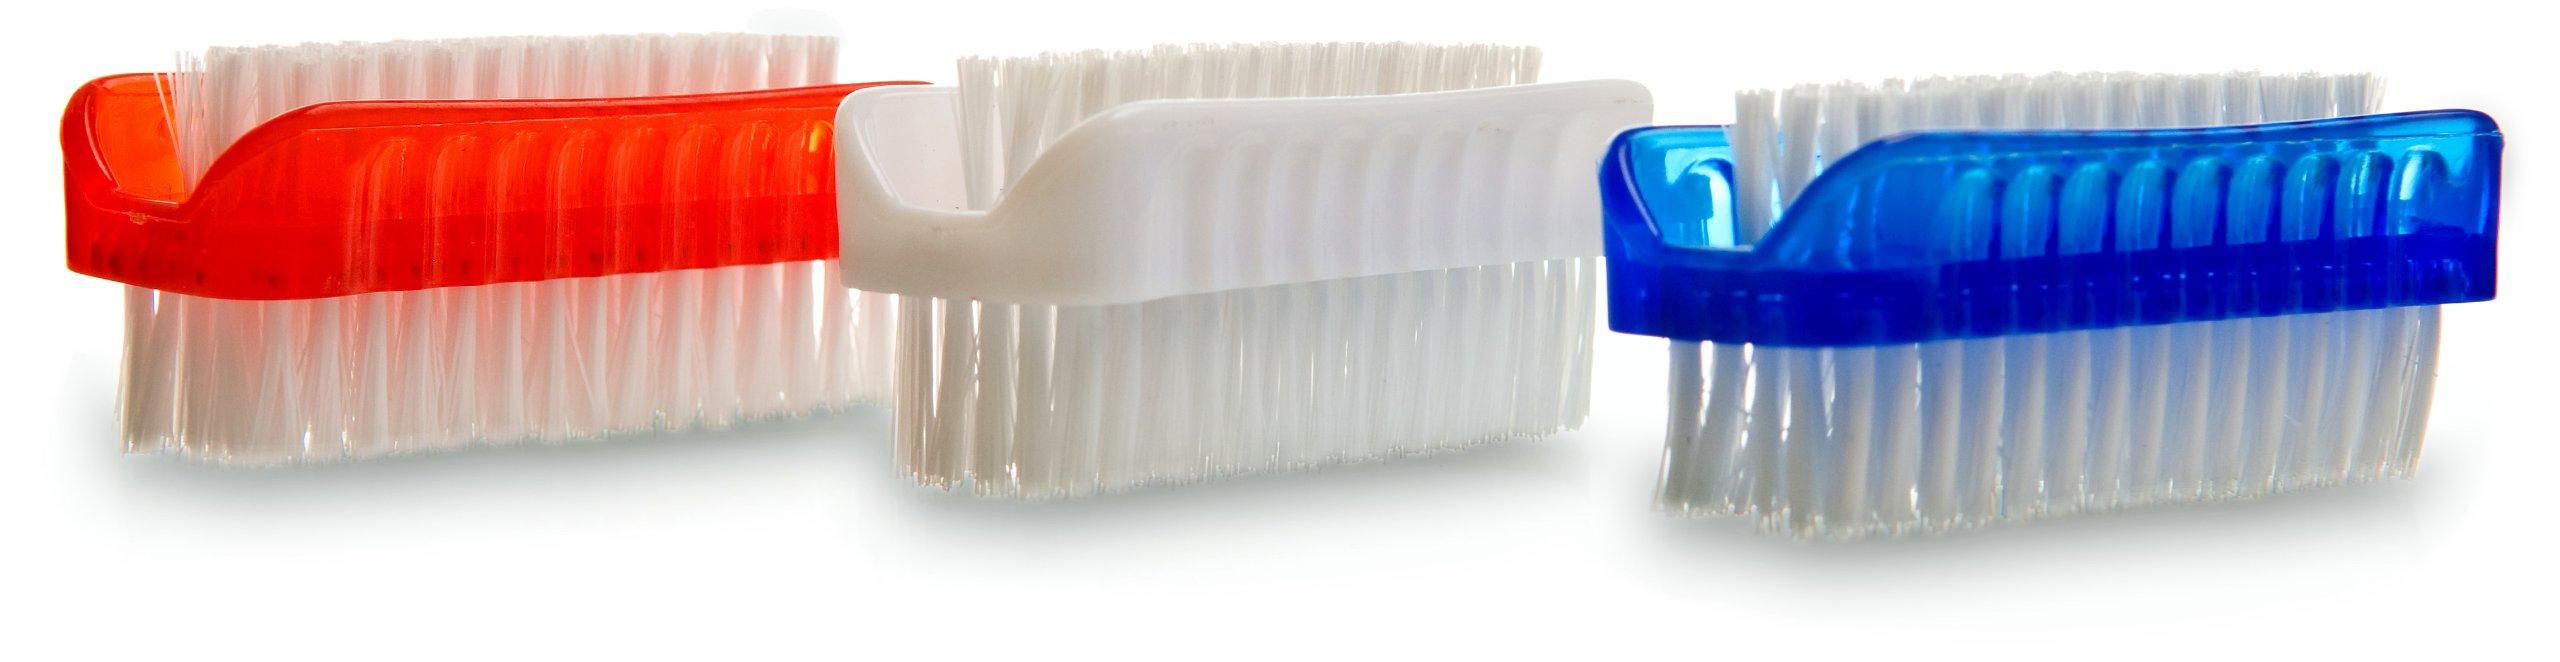 amazon com   kingsley colored plastic nail brush brush   fingernail brush   beauty